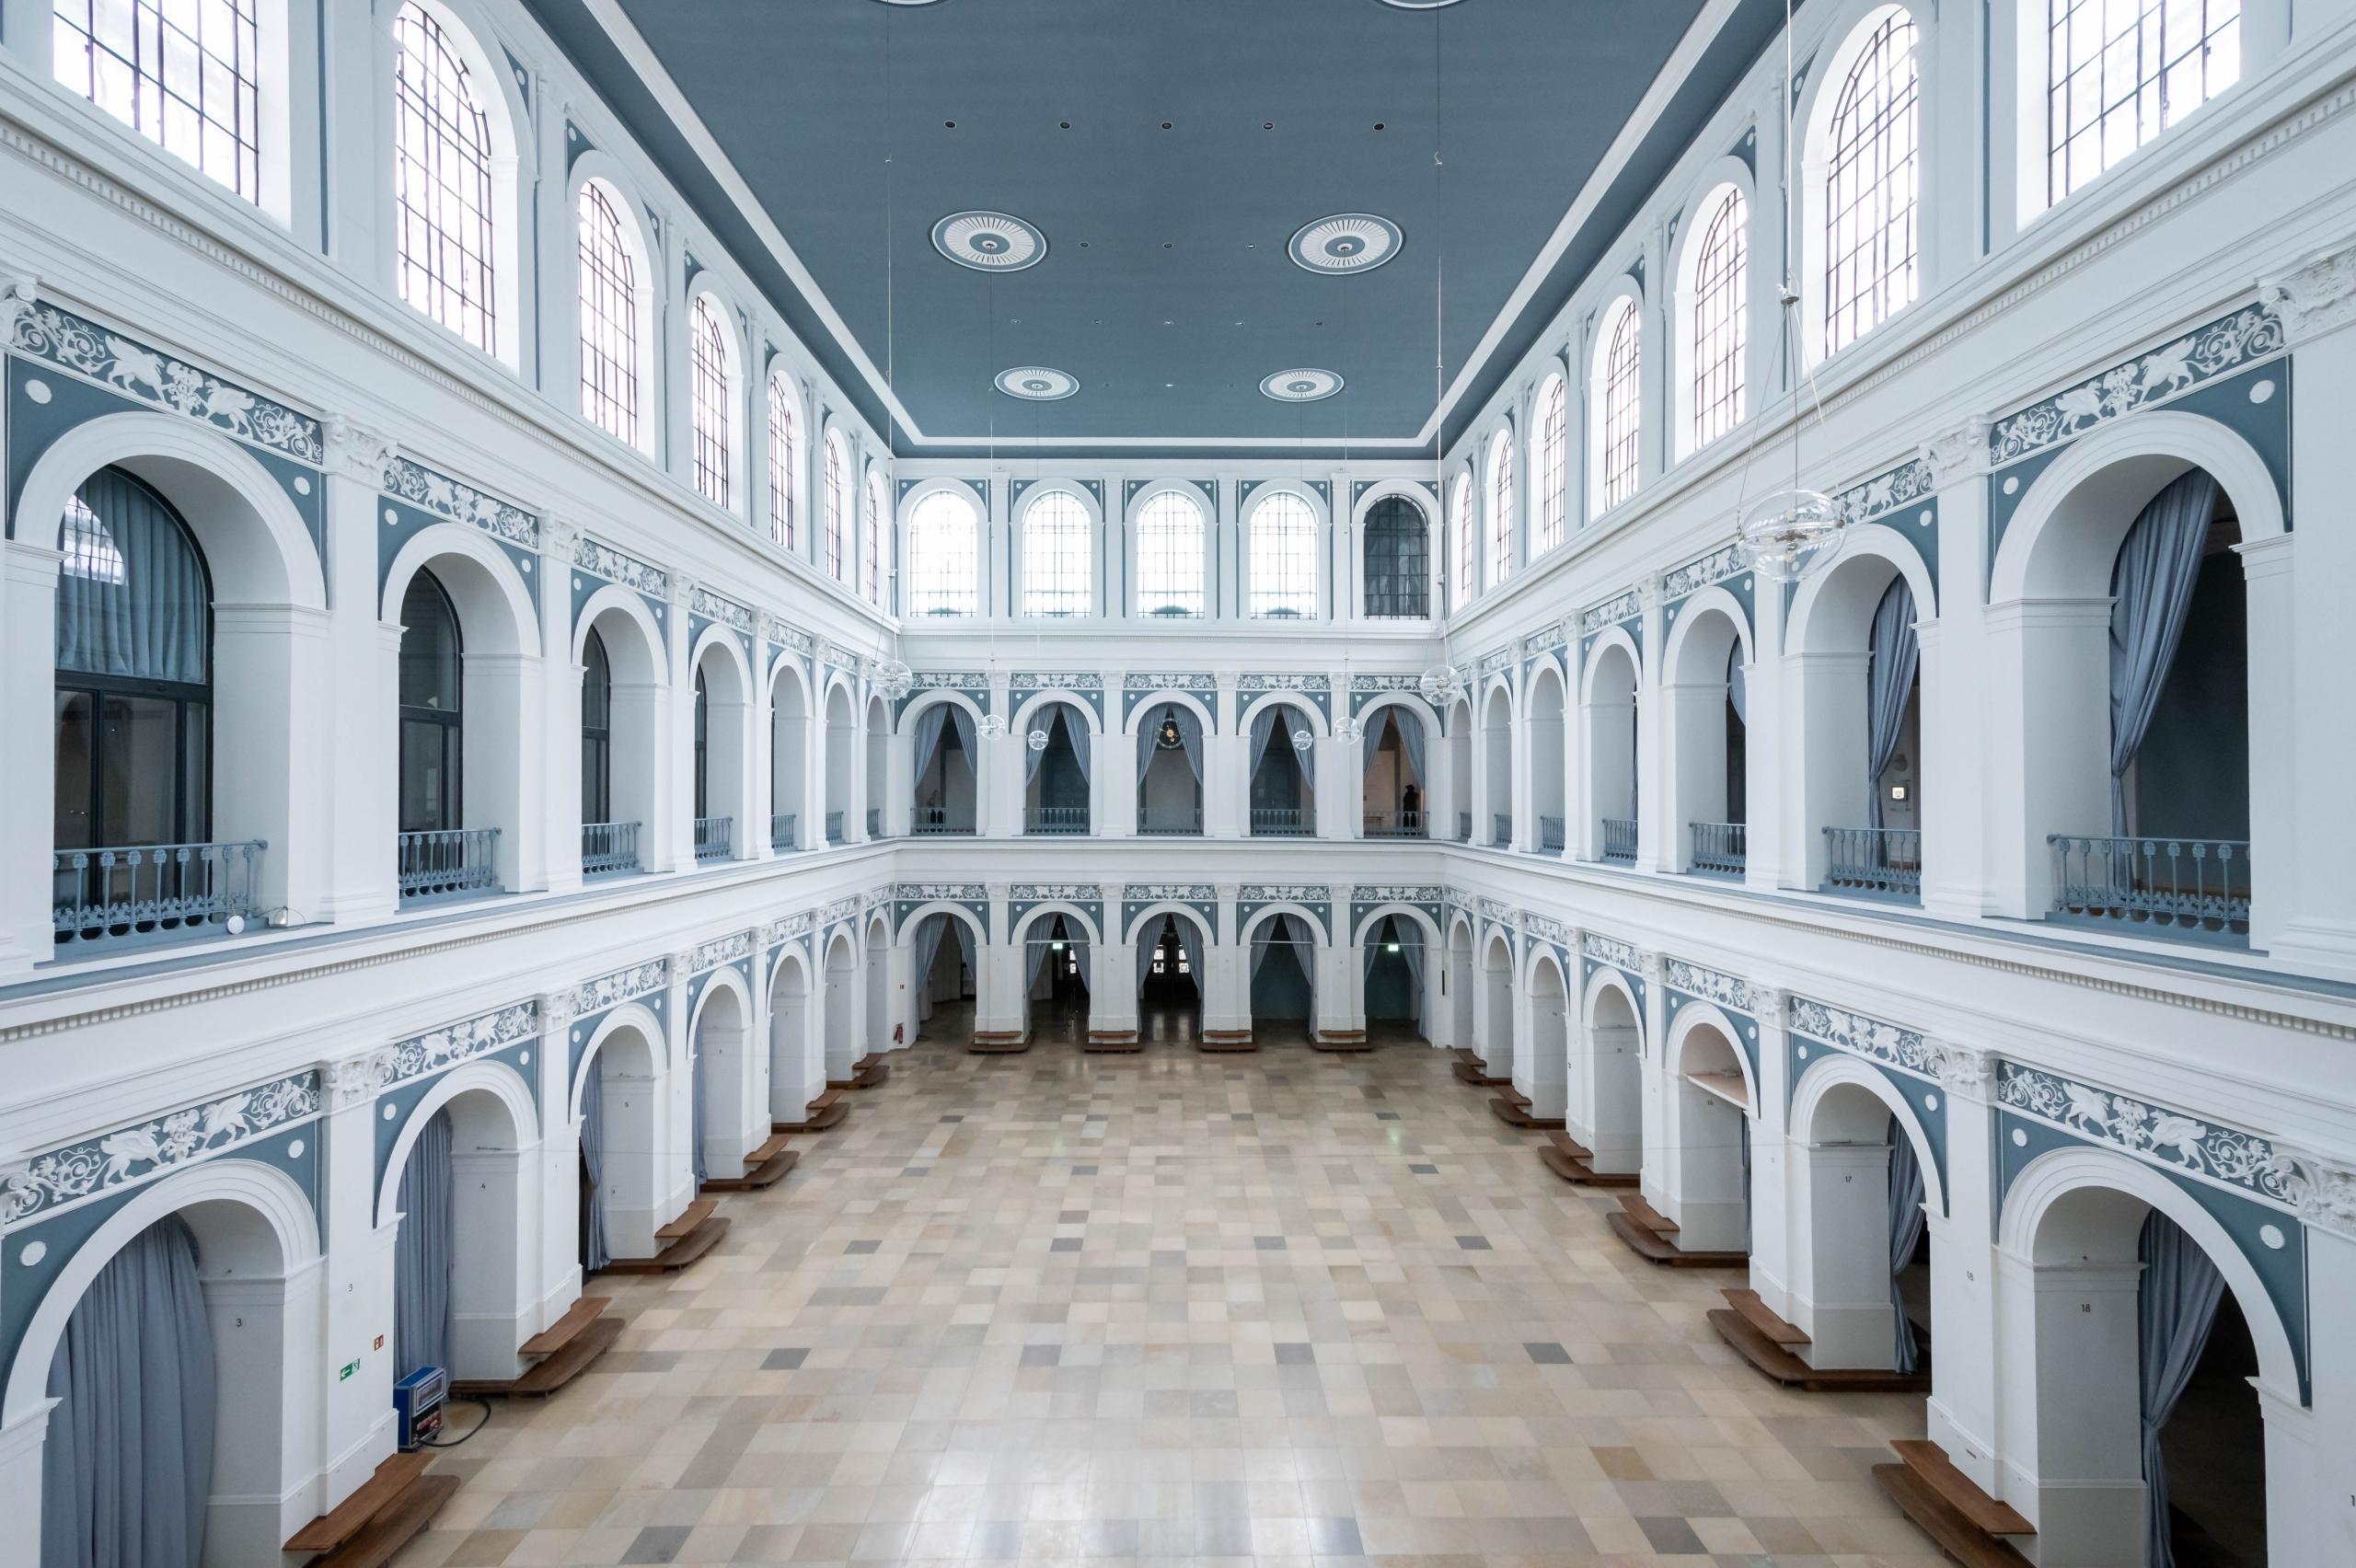 Handelskammer Hamburg, Hallen